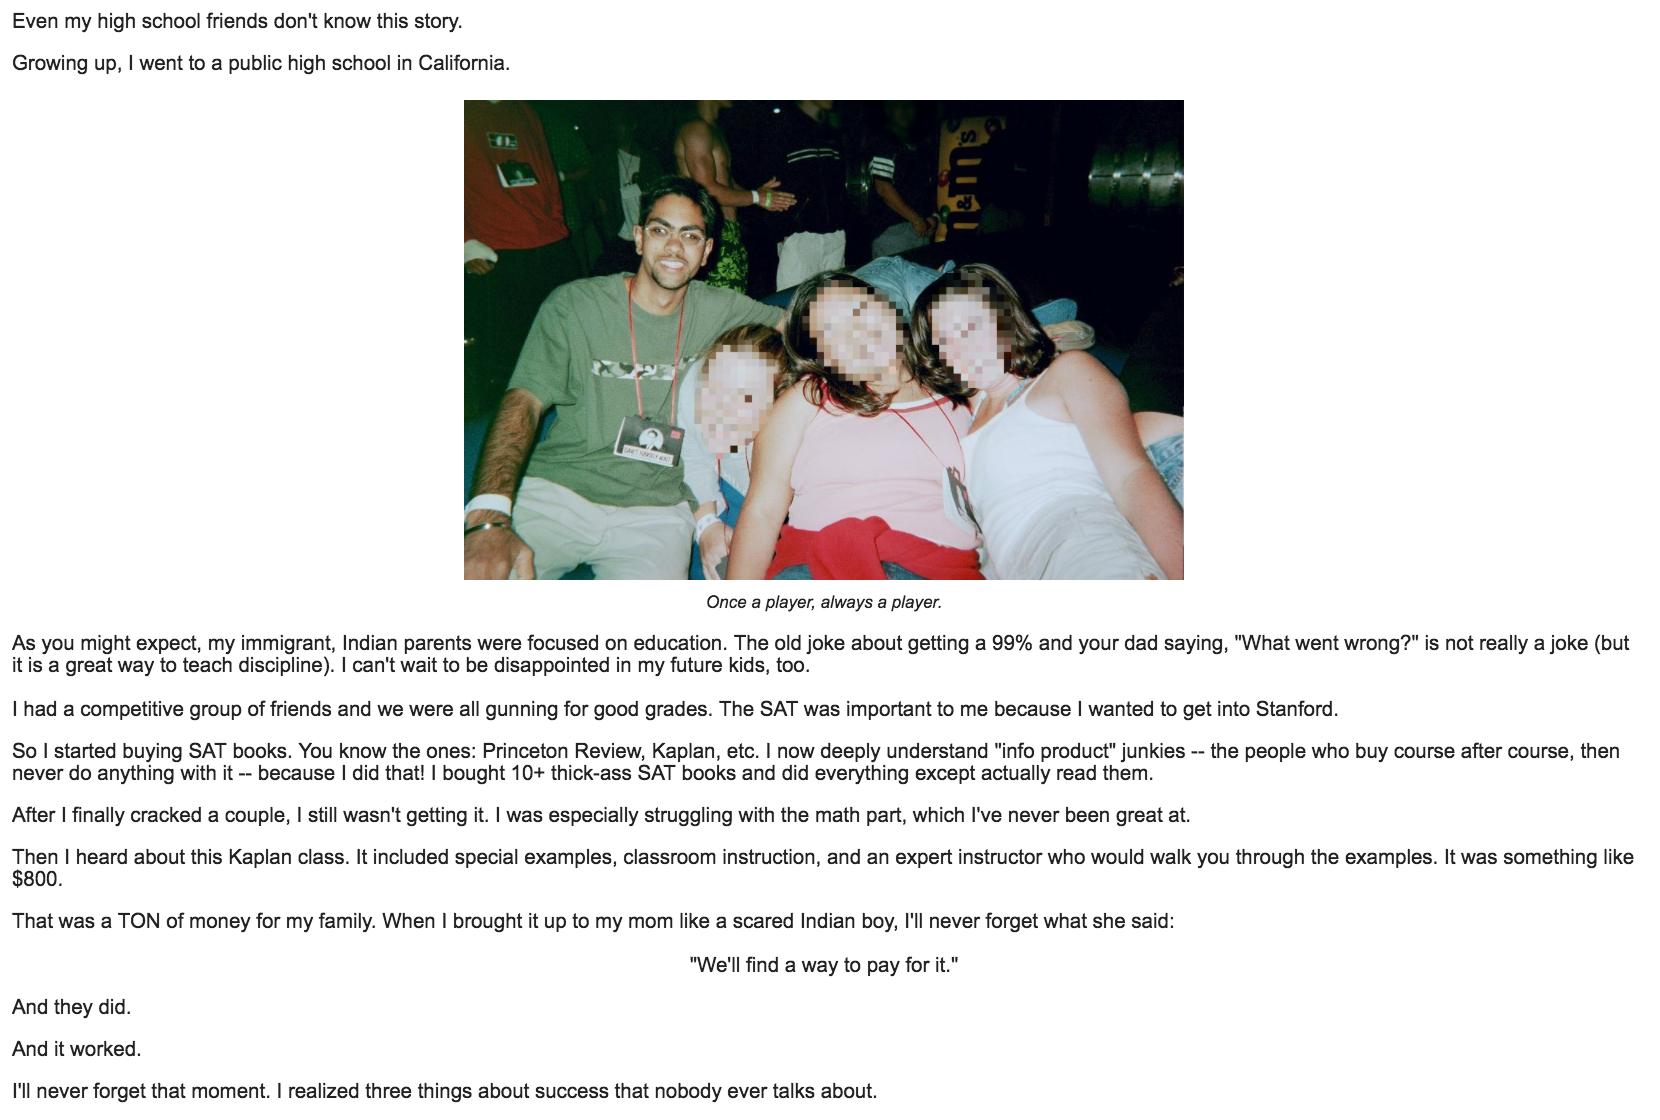 historier om online dating succes